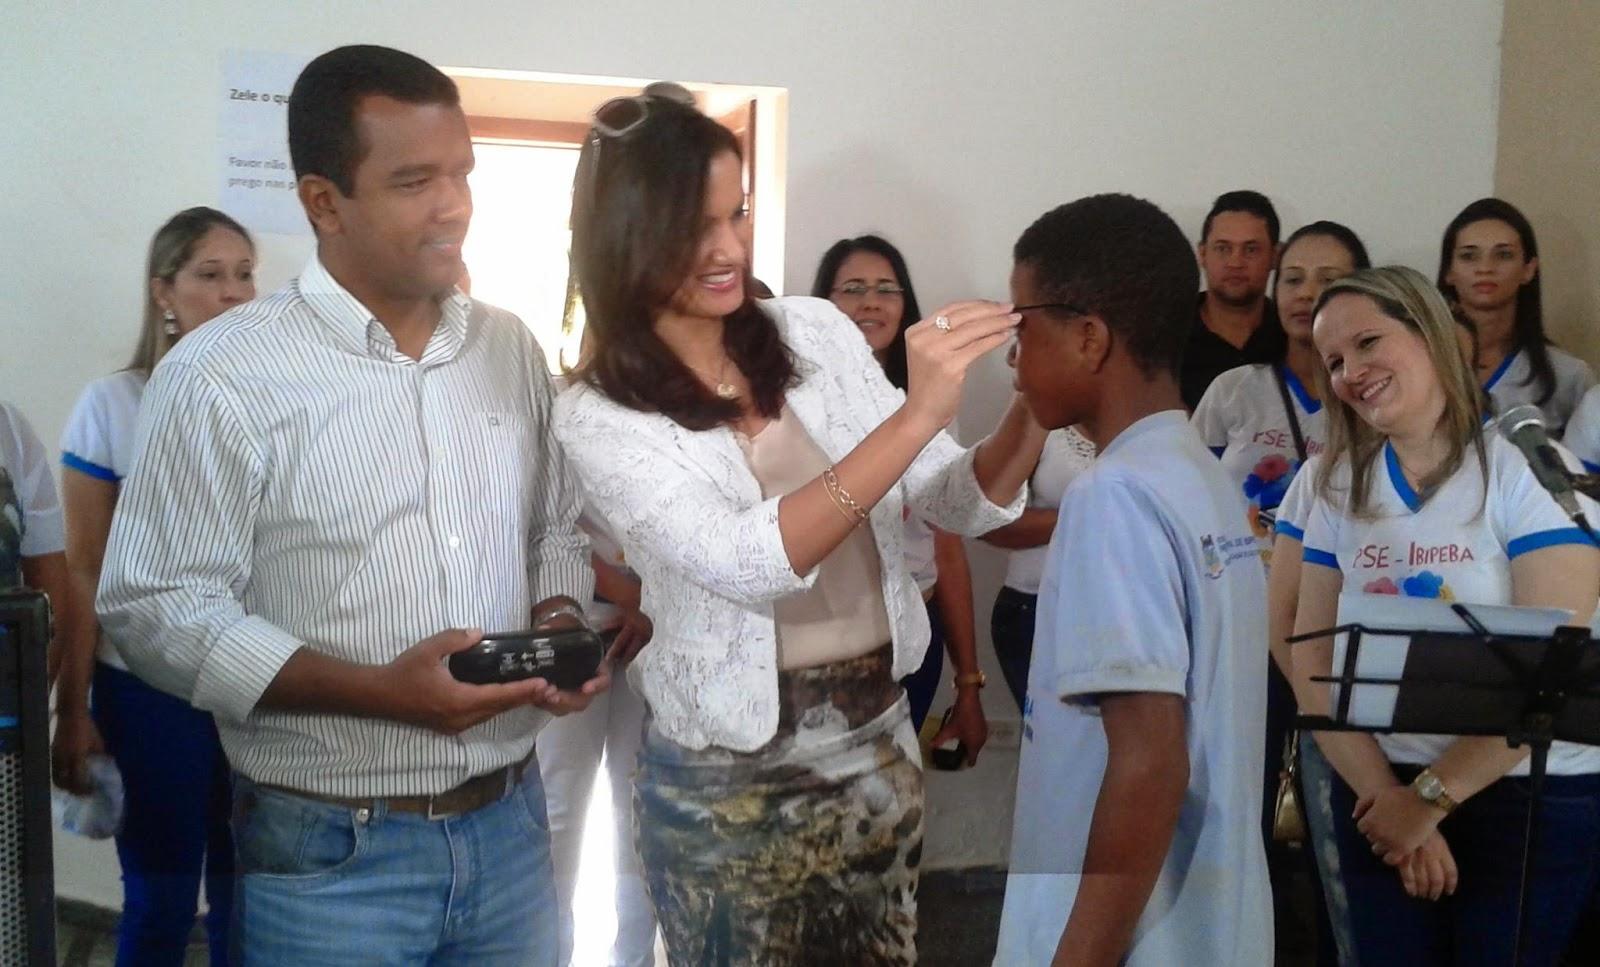 Ibipeba - Alunos recebem óculos em evento realizado pela Prefeitura